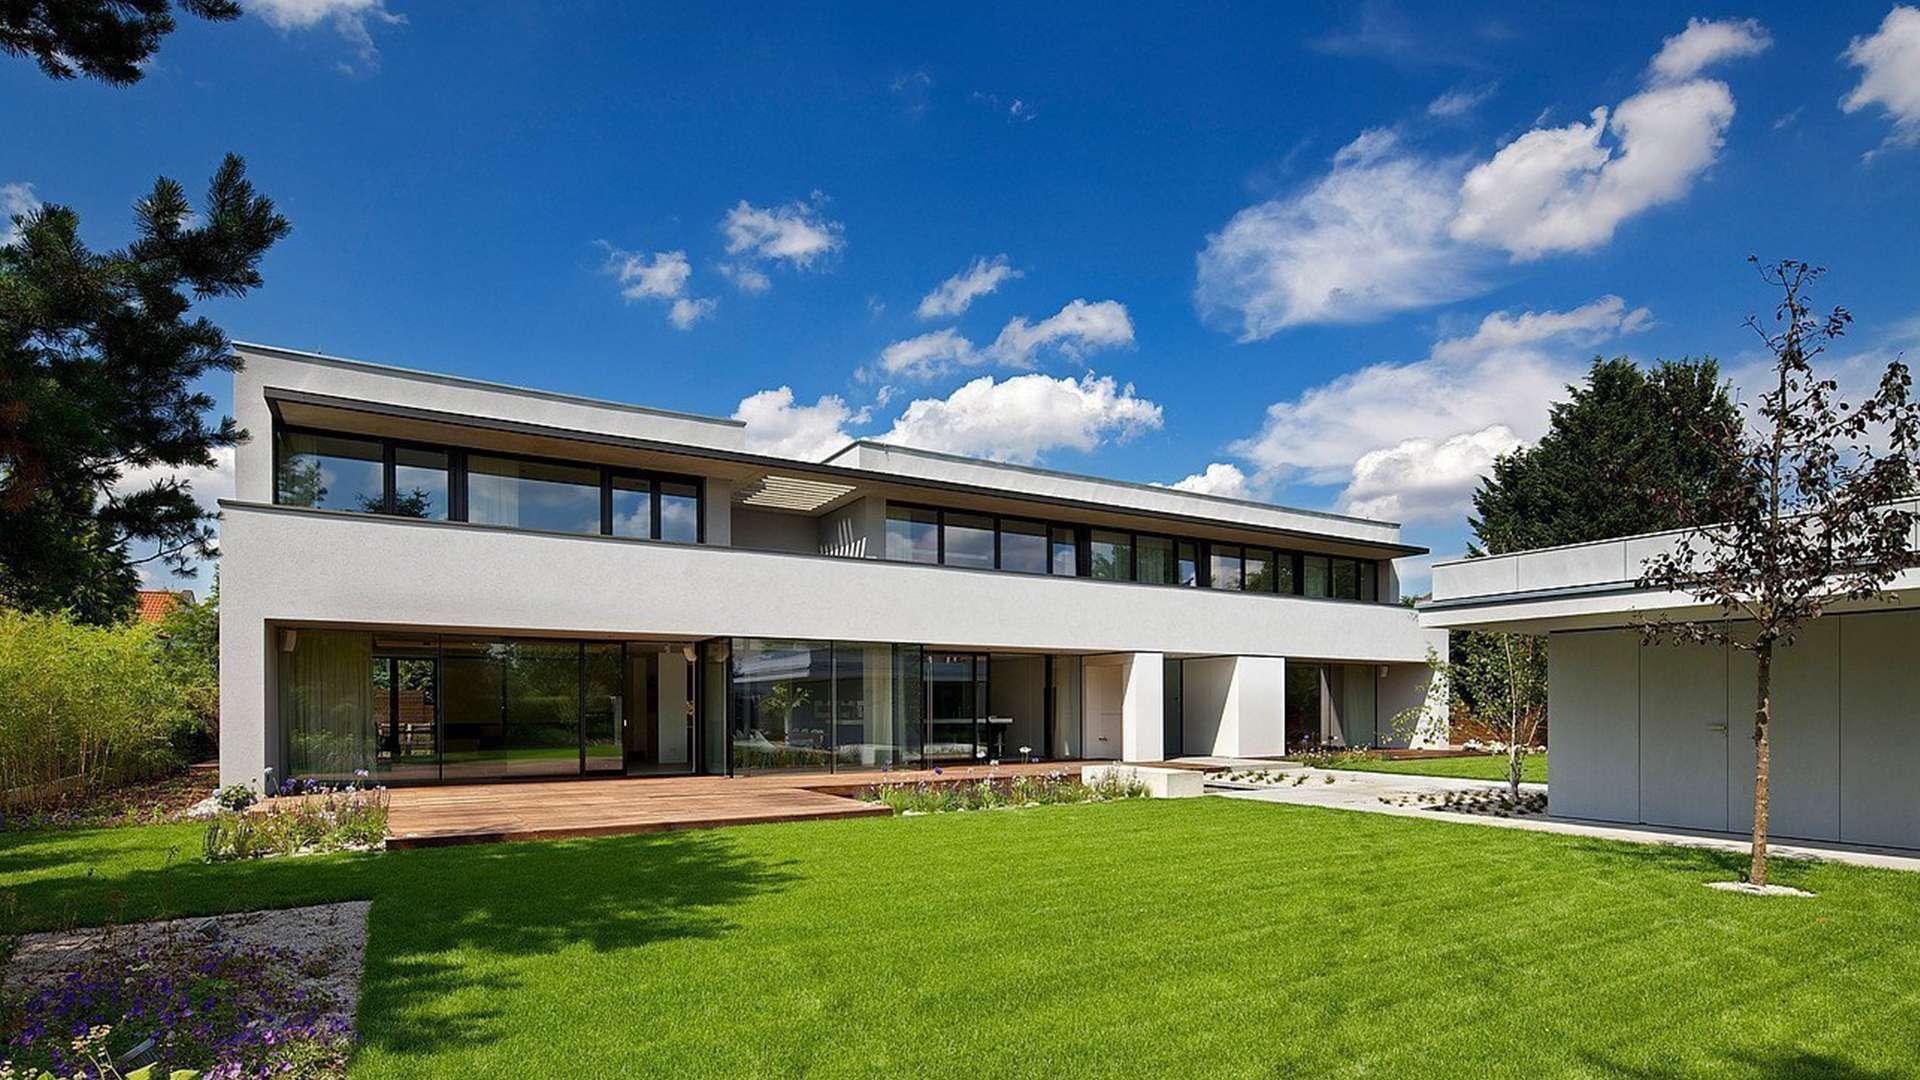 Wohnanlagen mit Kunststoff-Aluminium-Fensters und grünen Rasen im Vordergrund